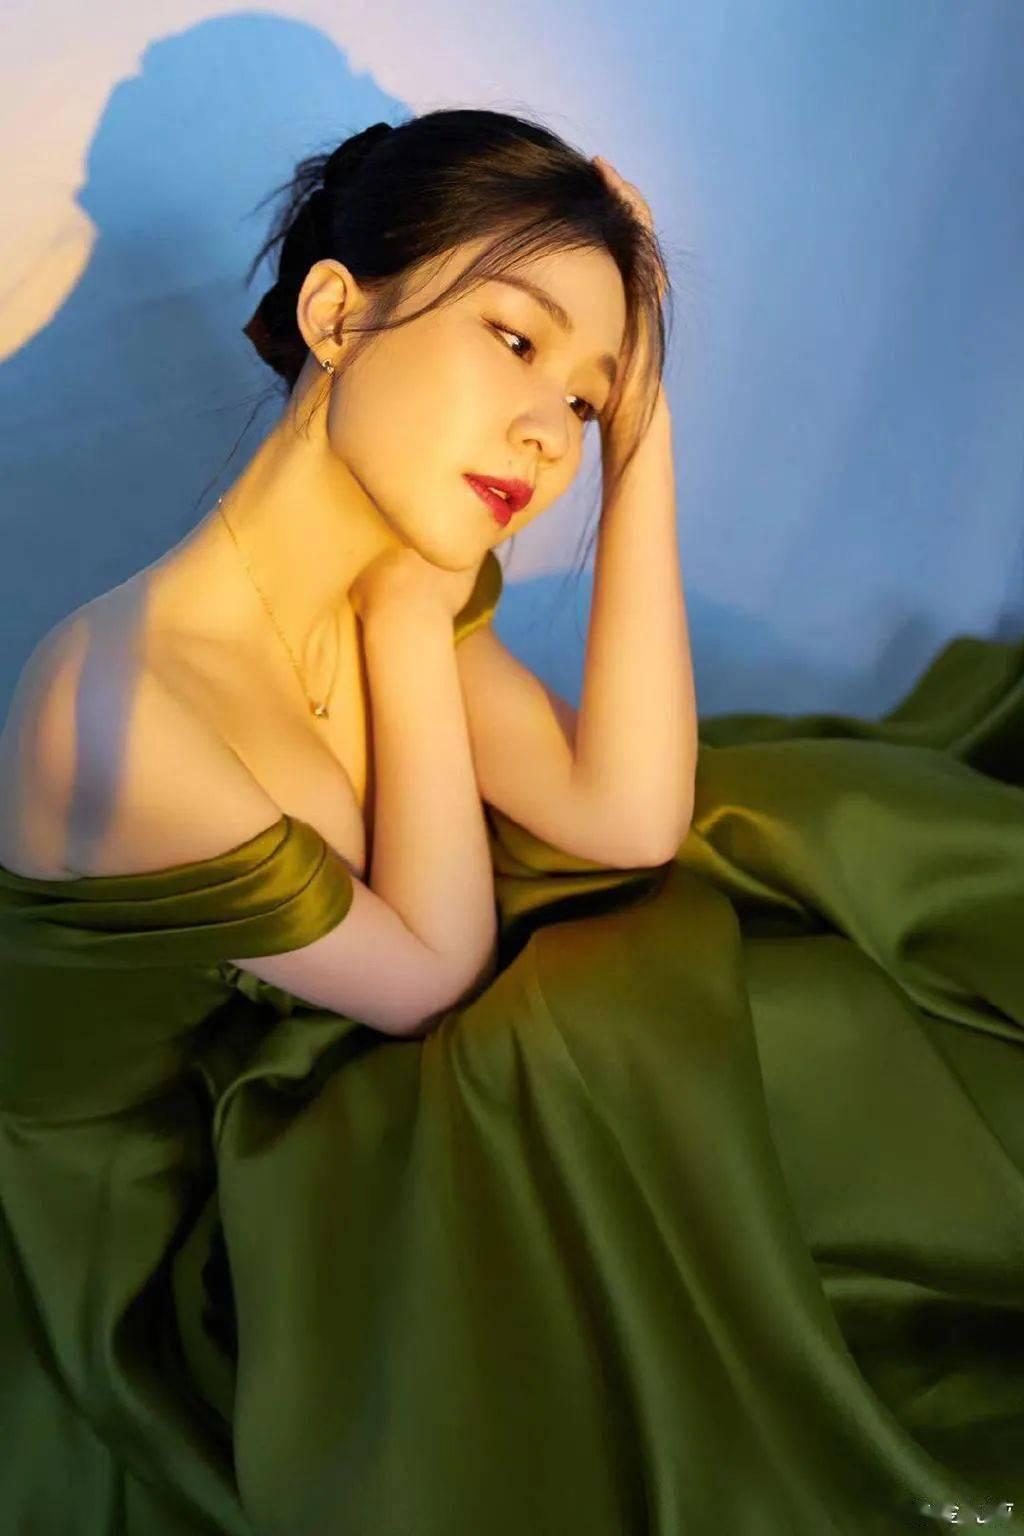 和李佳琦CP感满满,在红毯上艳光四射,金靖的美毫不逊色其他女星!